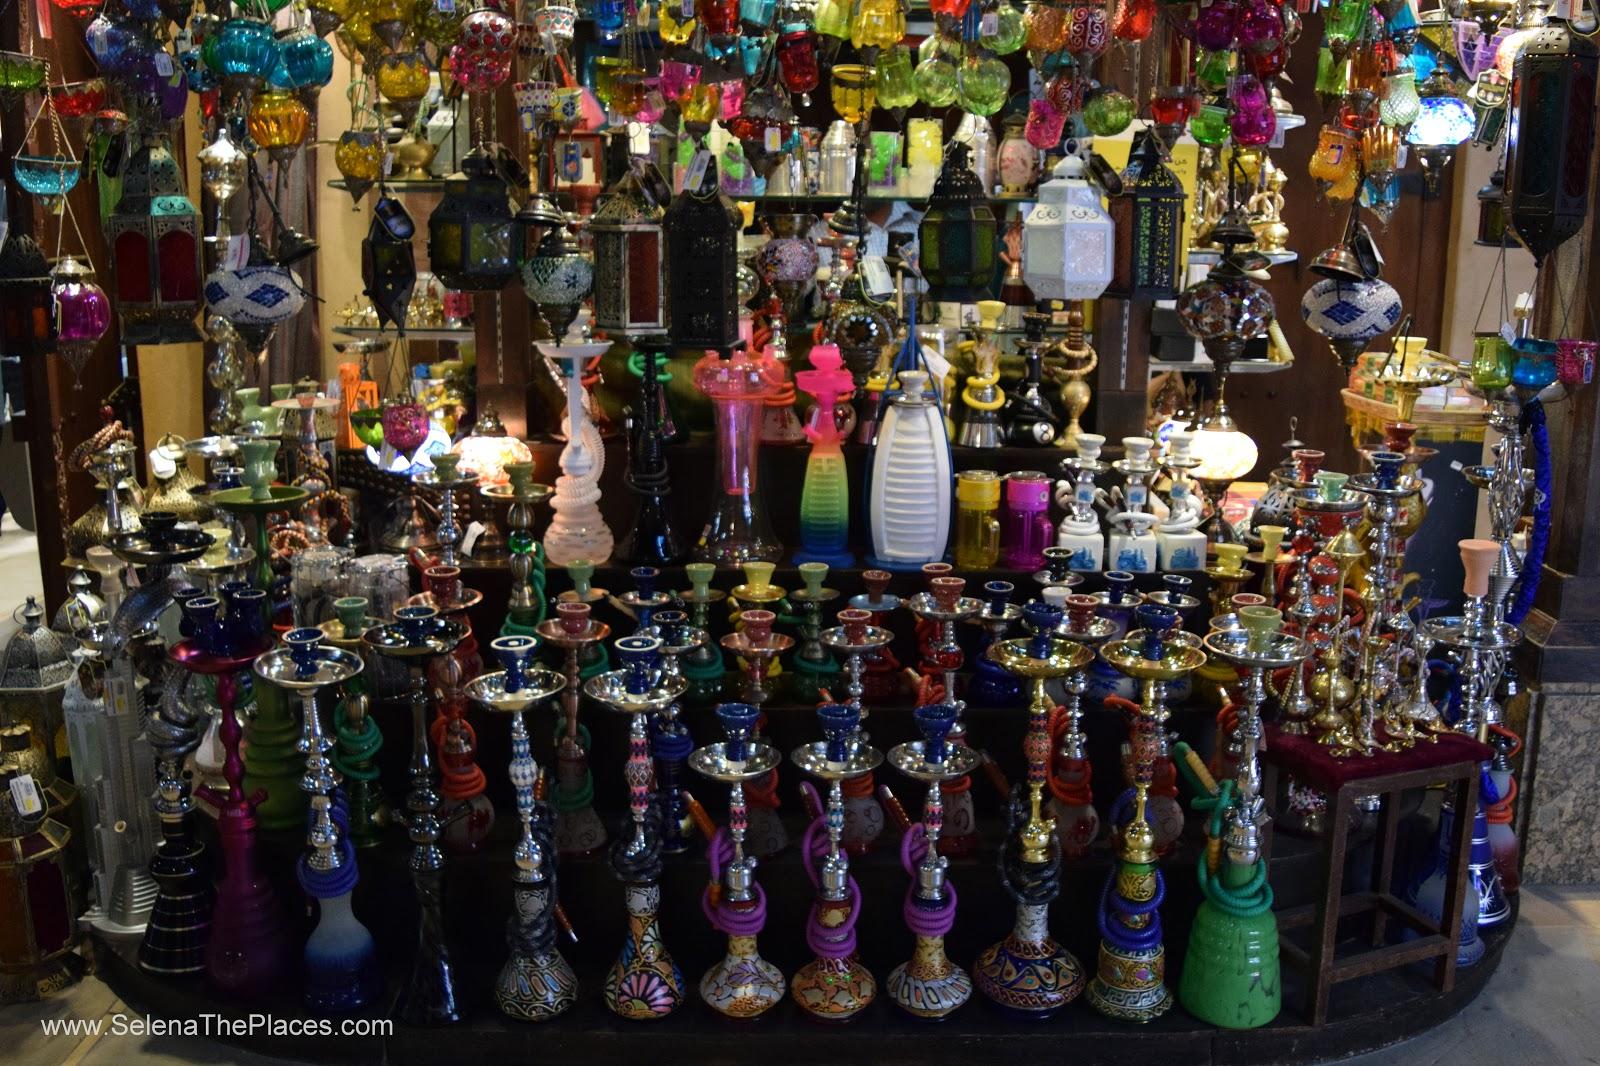 Souk Madinat Jumeirah Dubai